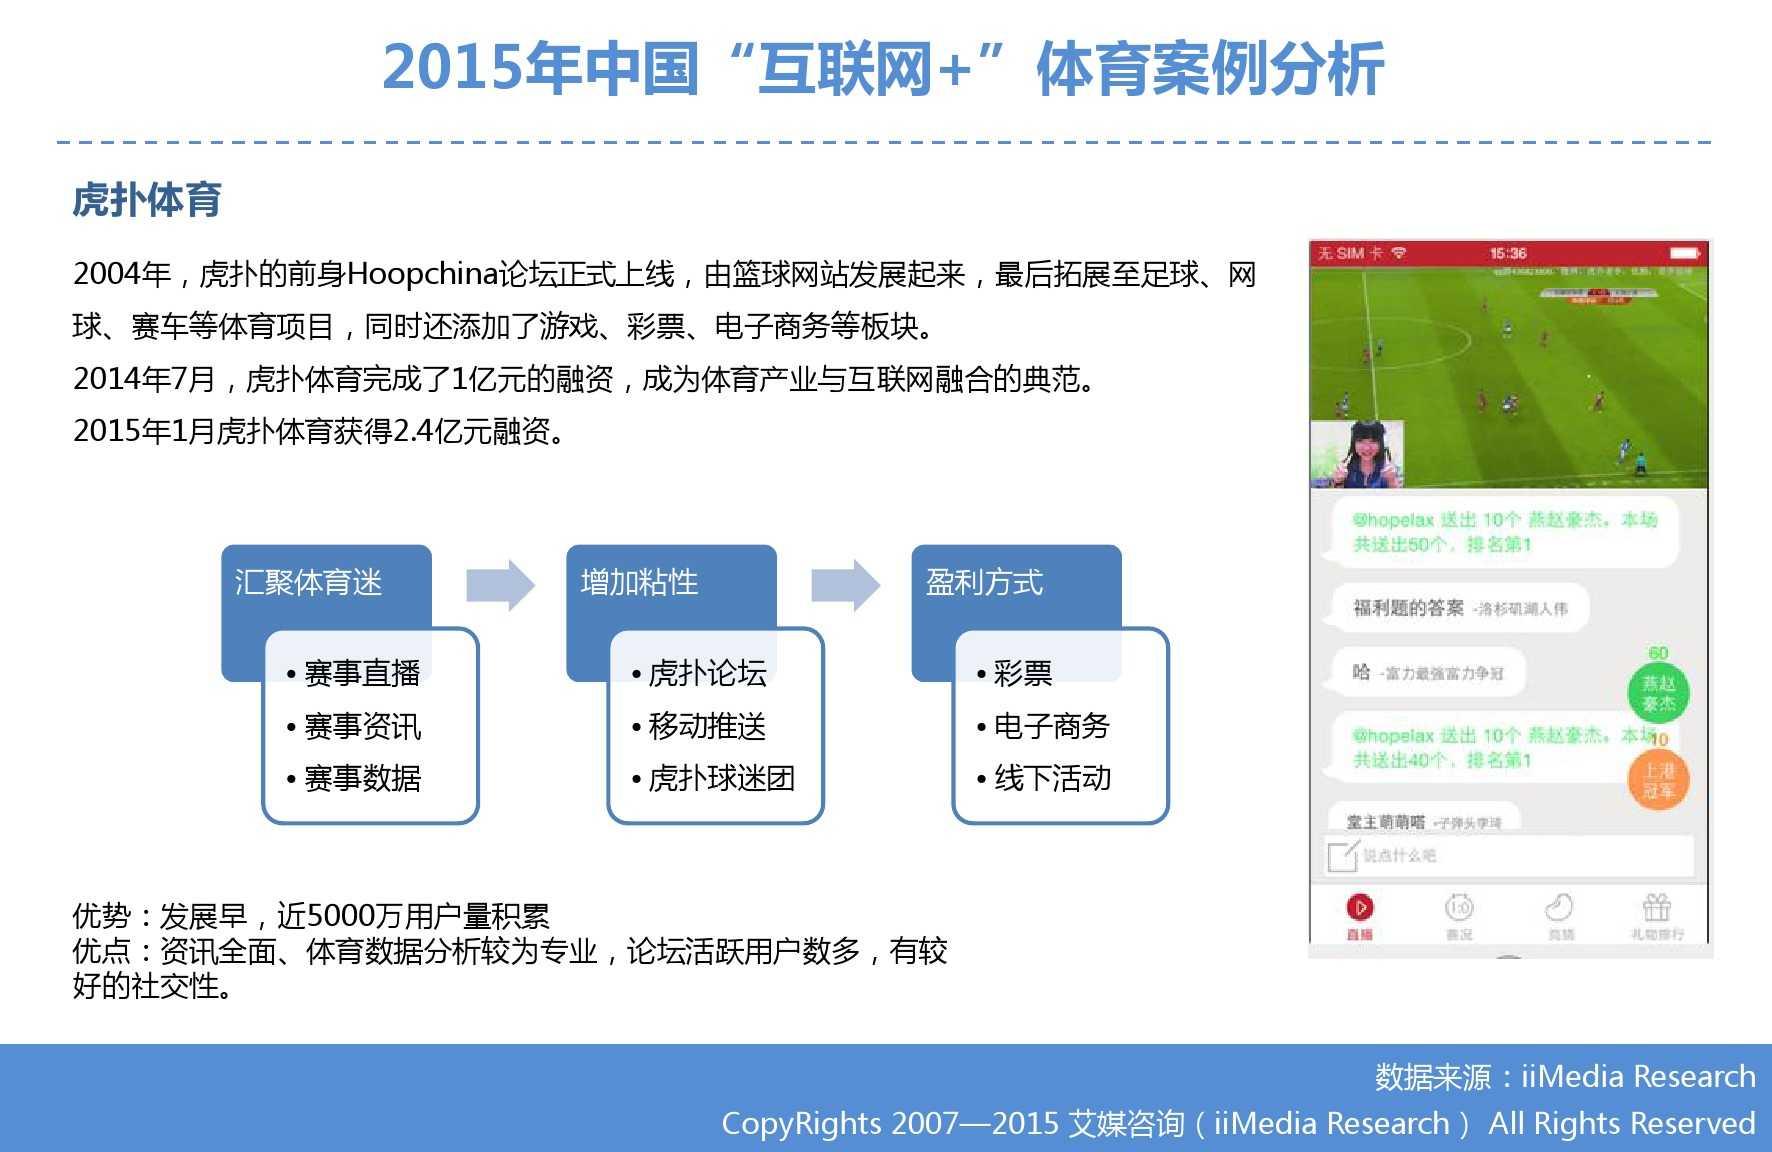 """艾媒咨询:2015年中国""""互联网+""""体育研究_000037"""